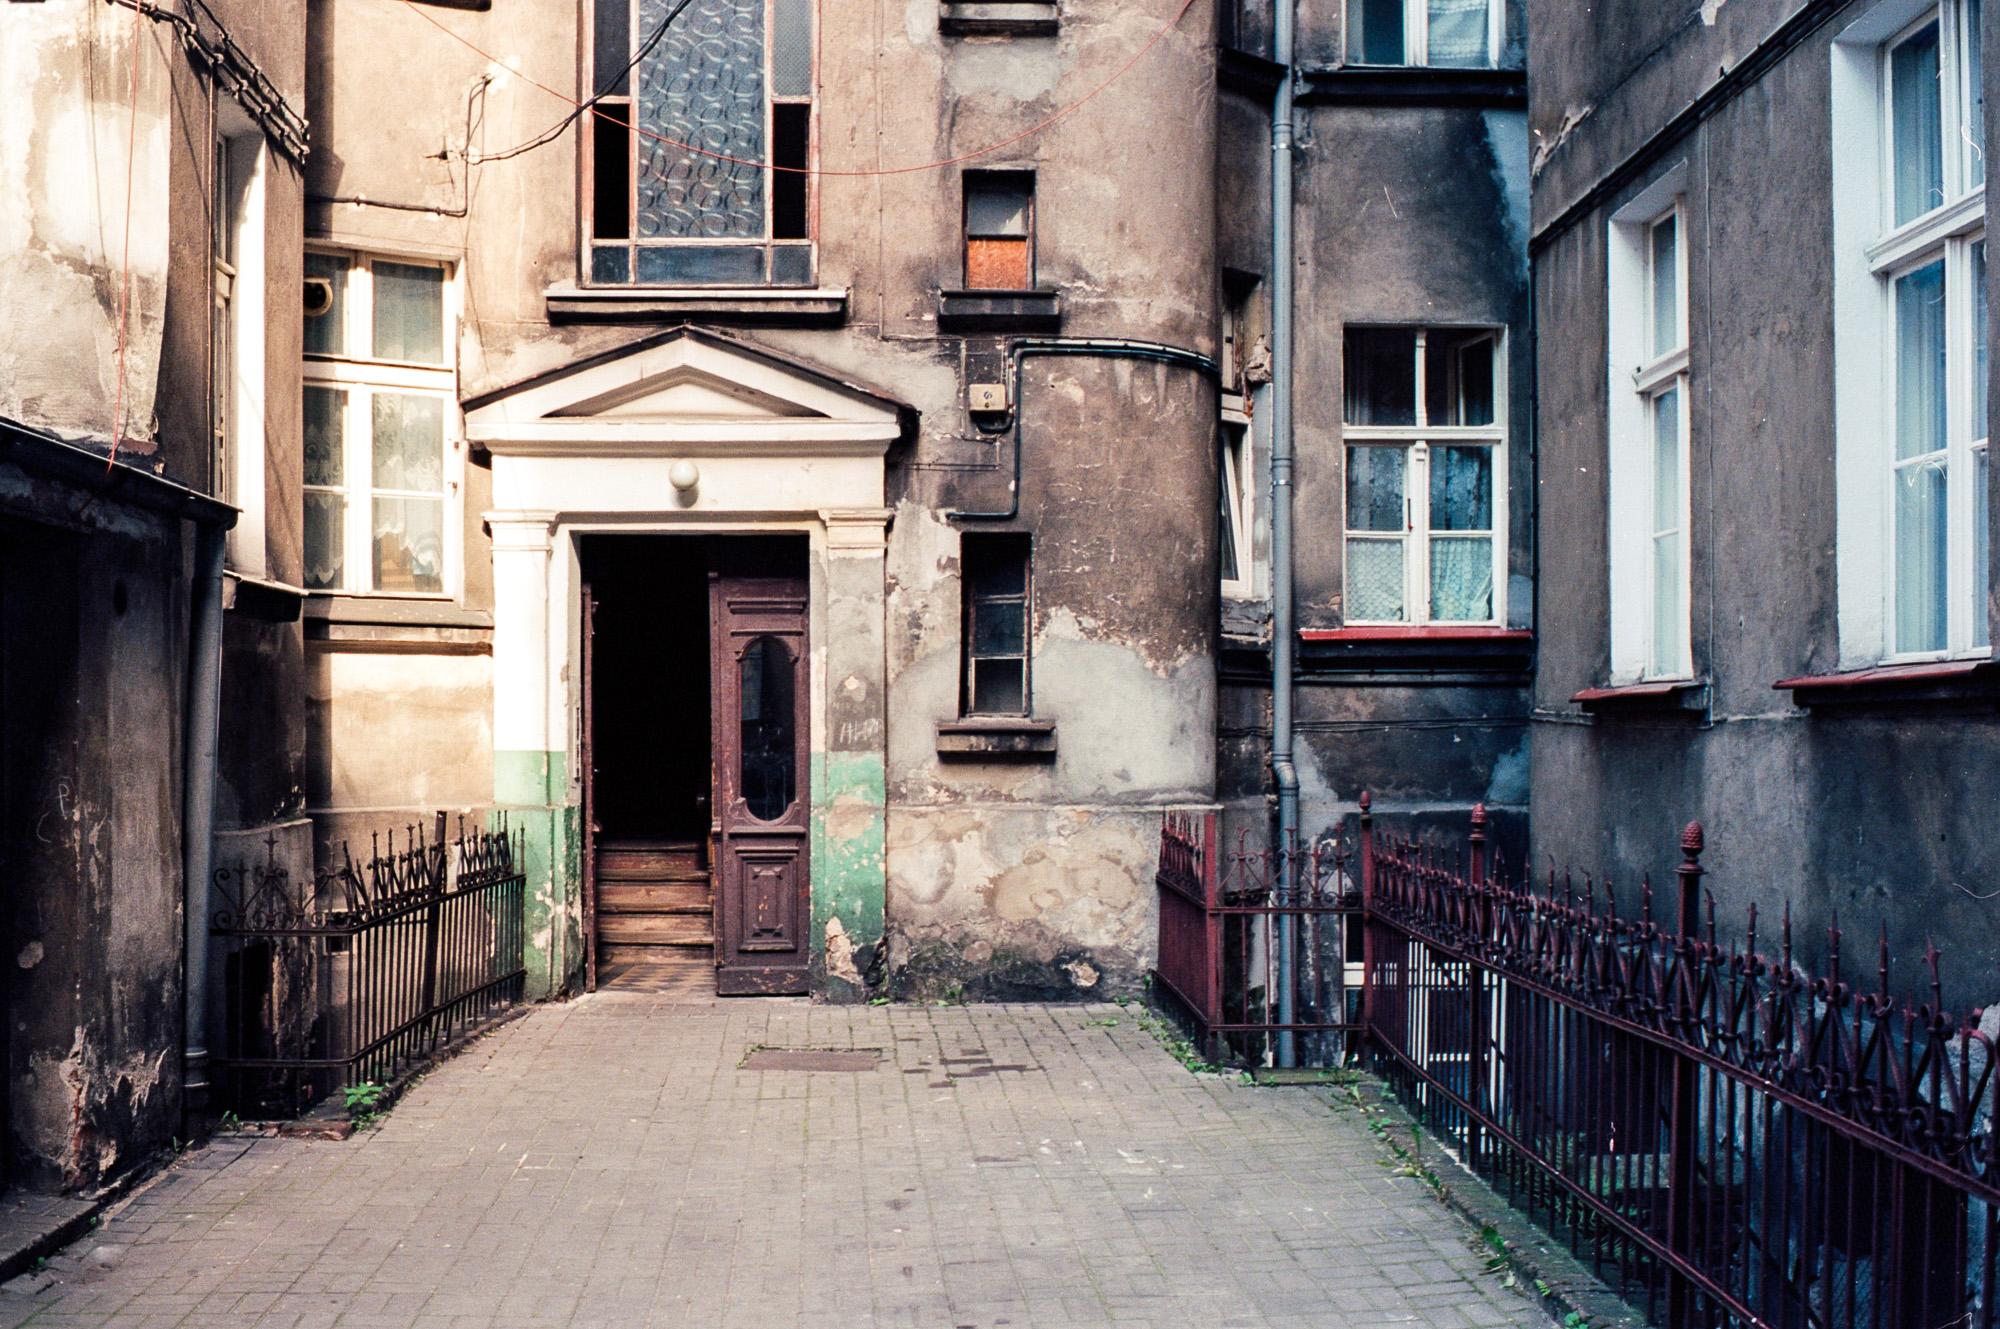 Poznan,Poland (2013)